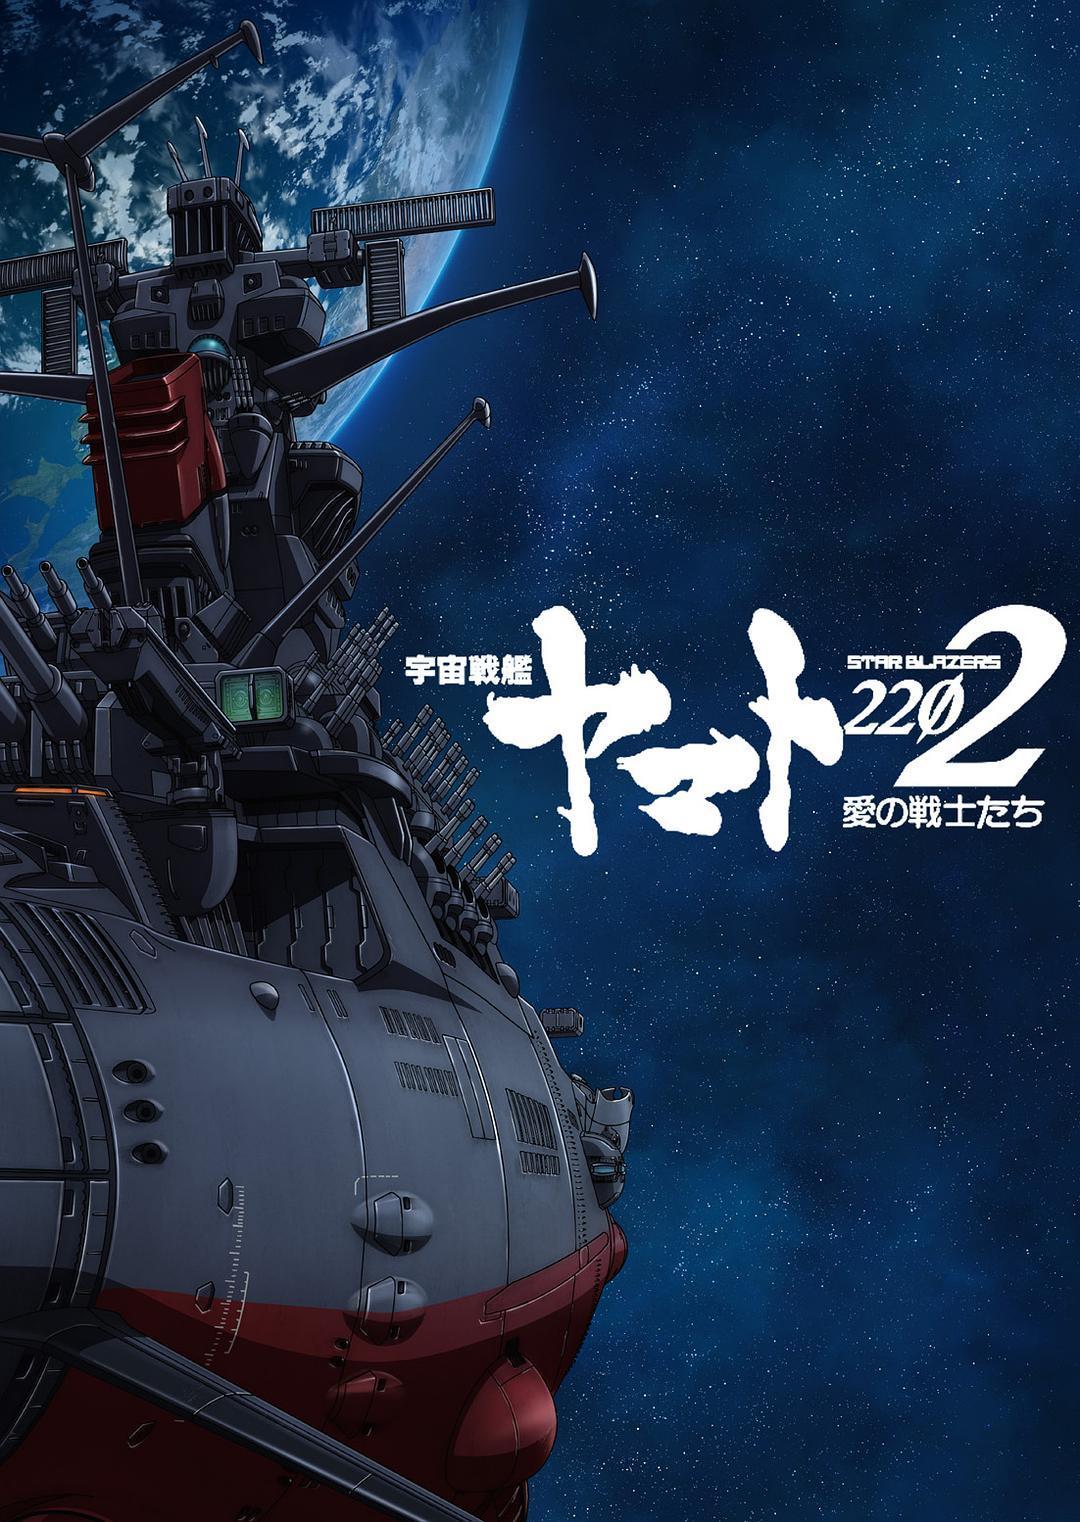 宇宙战舰大和号2202 爱的战士们 第一章